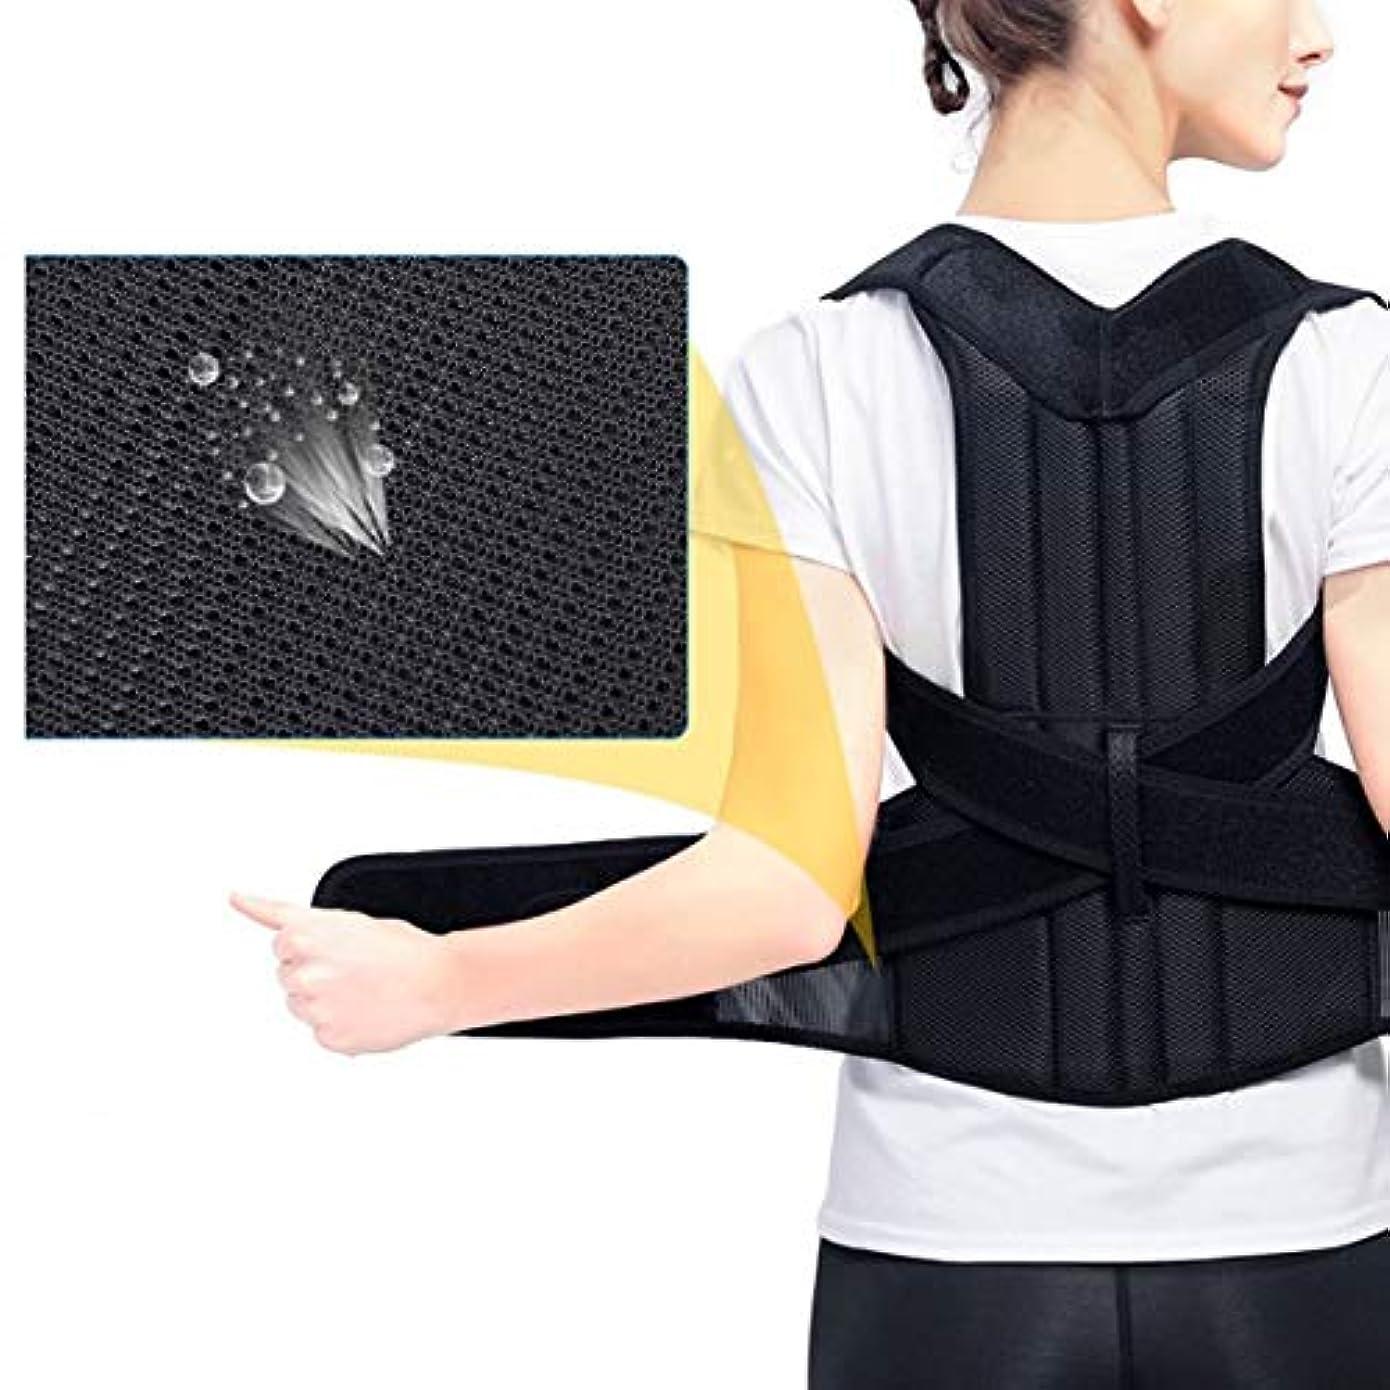 入植者ビーチシーケンス腰椎矯正バックブレース背骨装具側弯症腰椎サポート脊椎湾曲装具固定用姿勢 - 黒